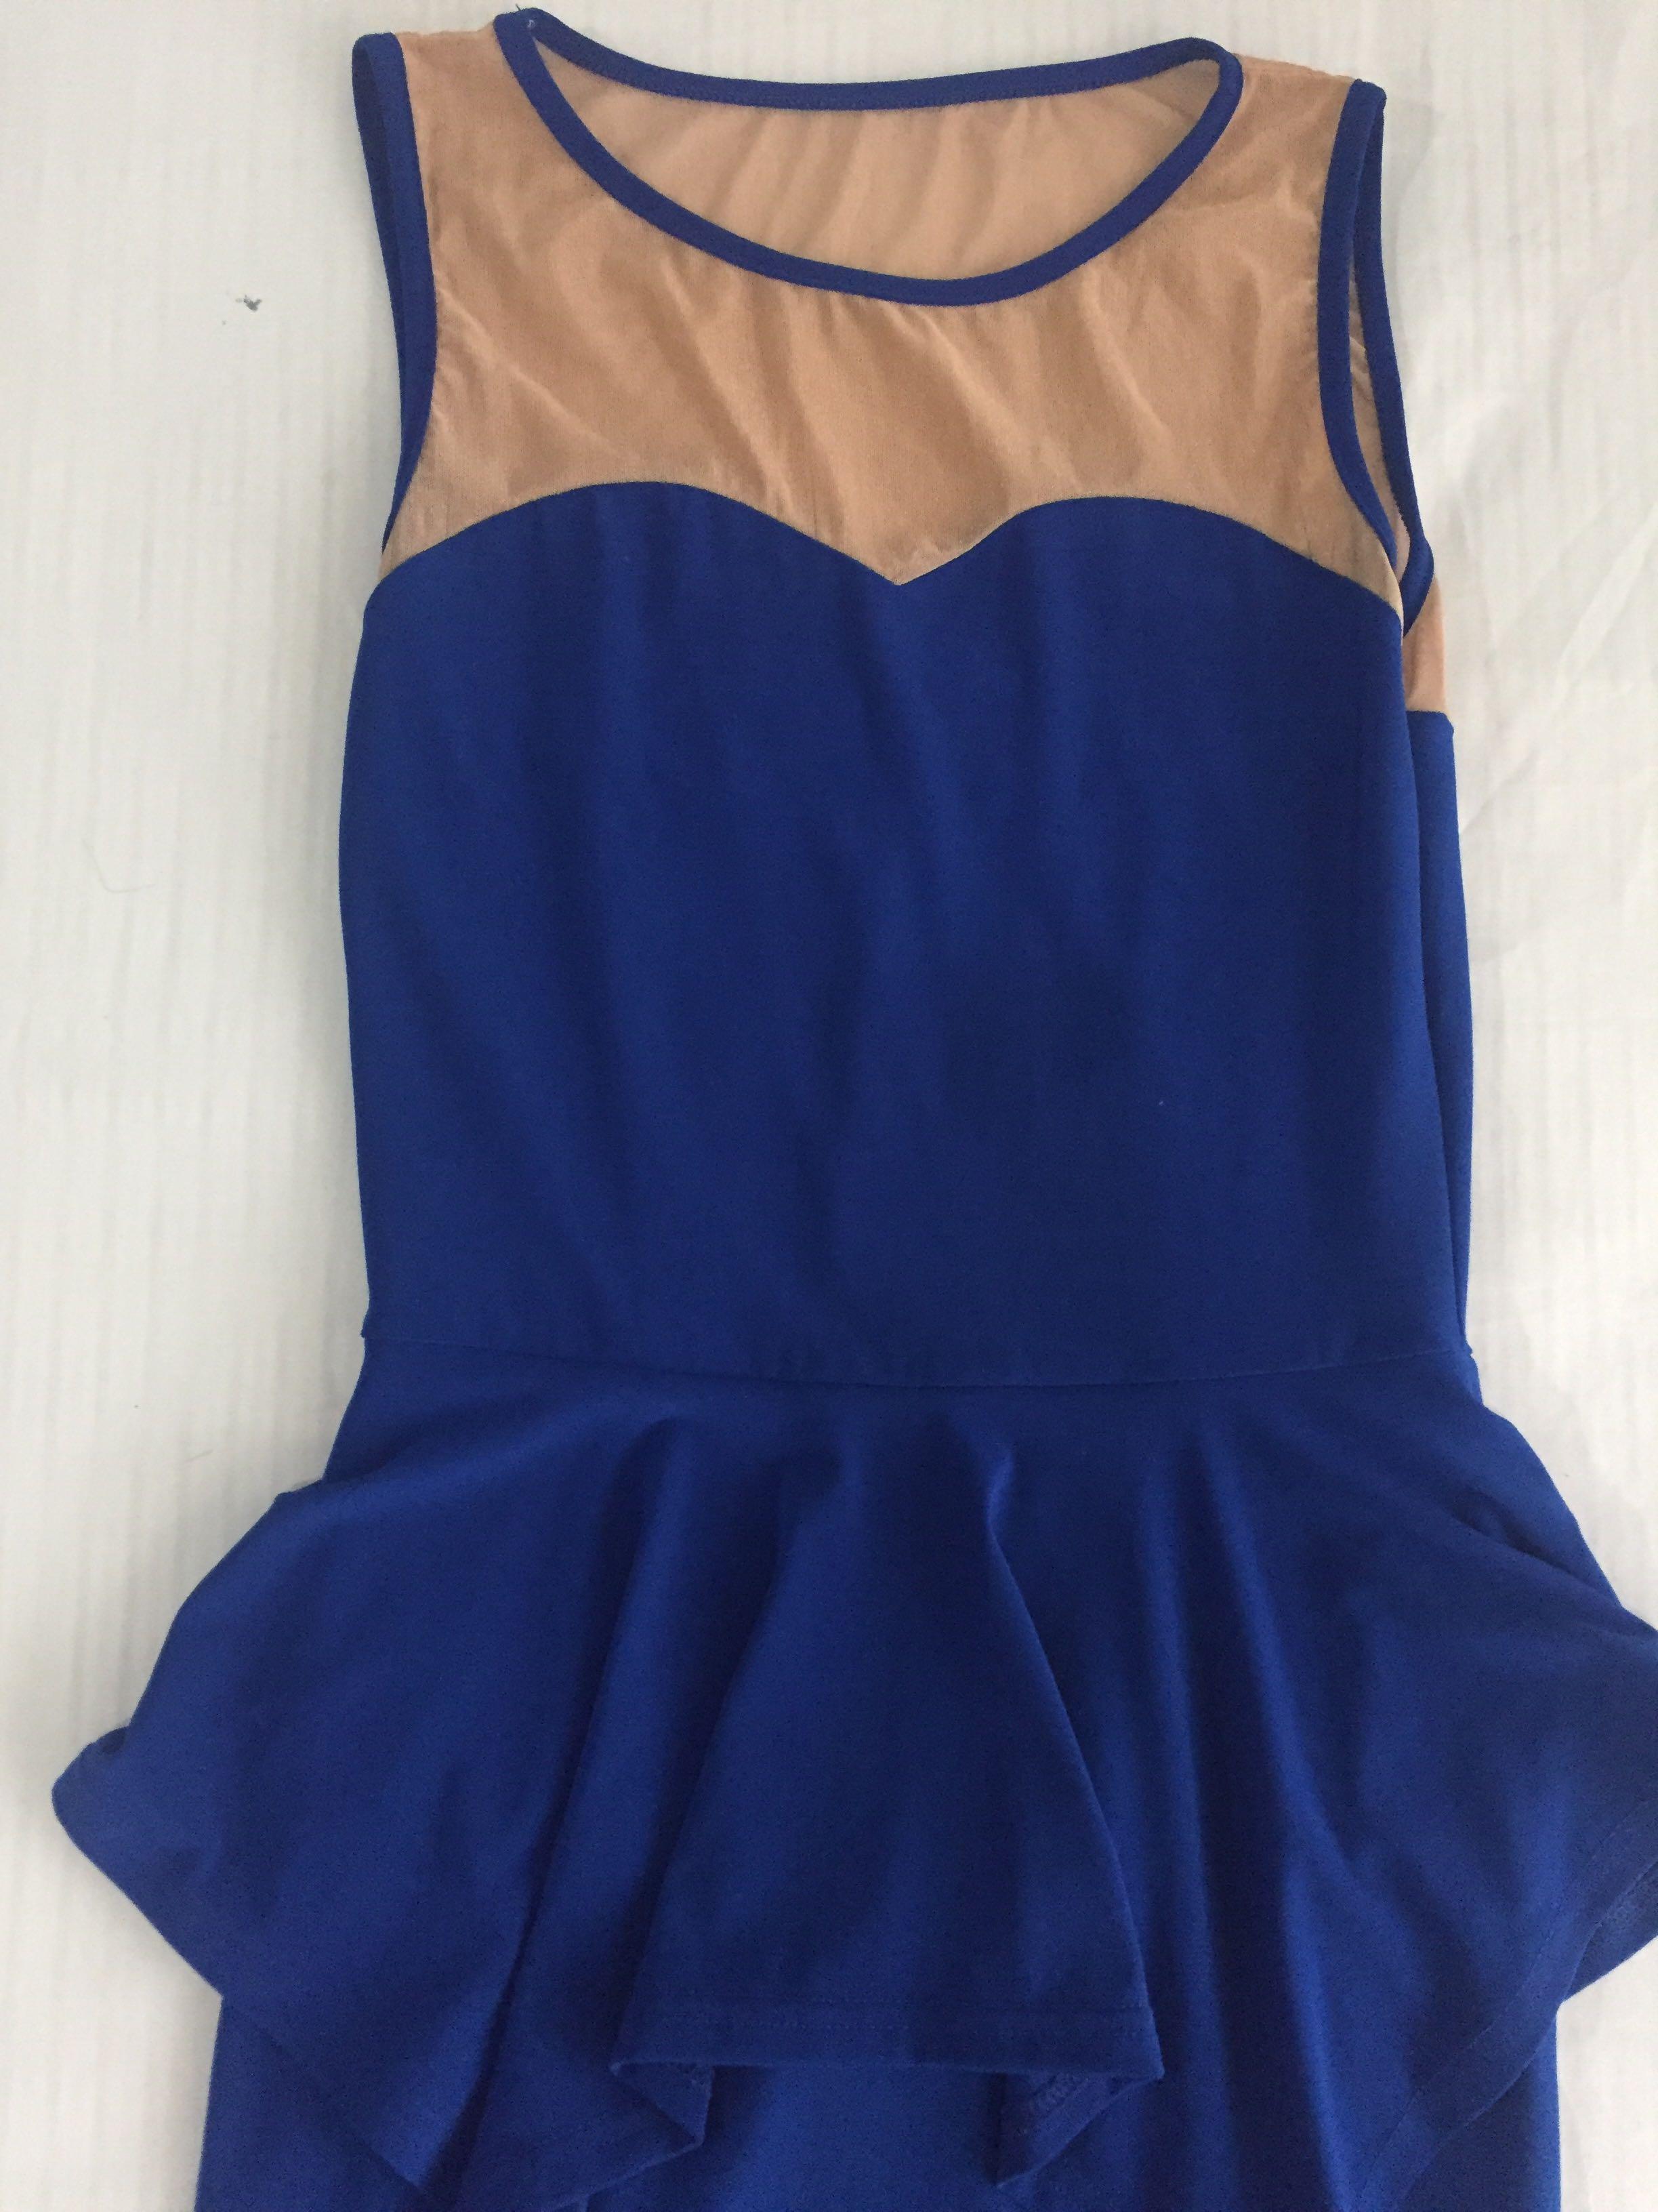 b907c2b87c Sexy fit dress casual semi formal